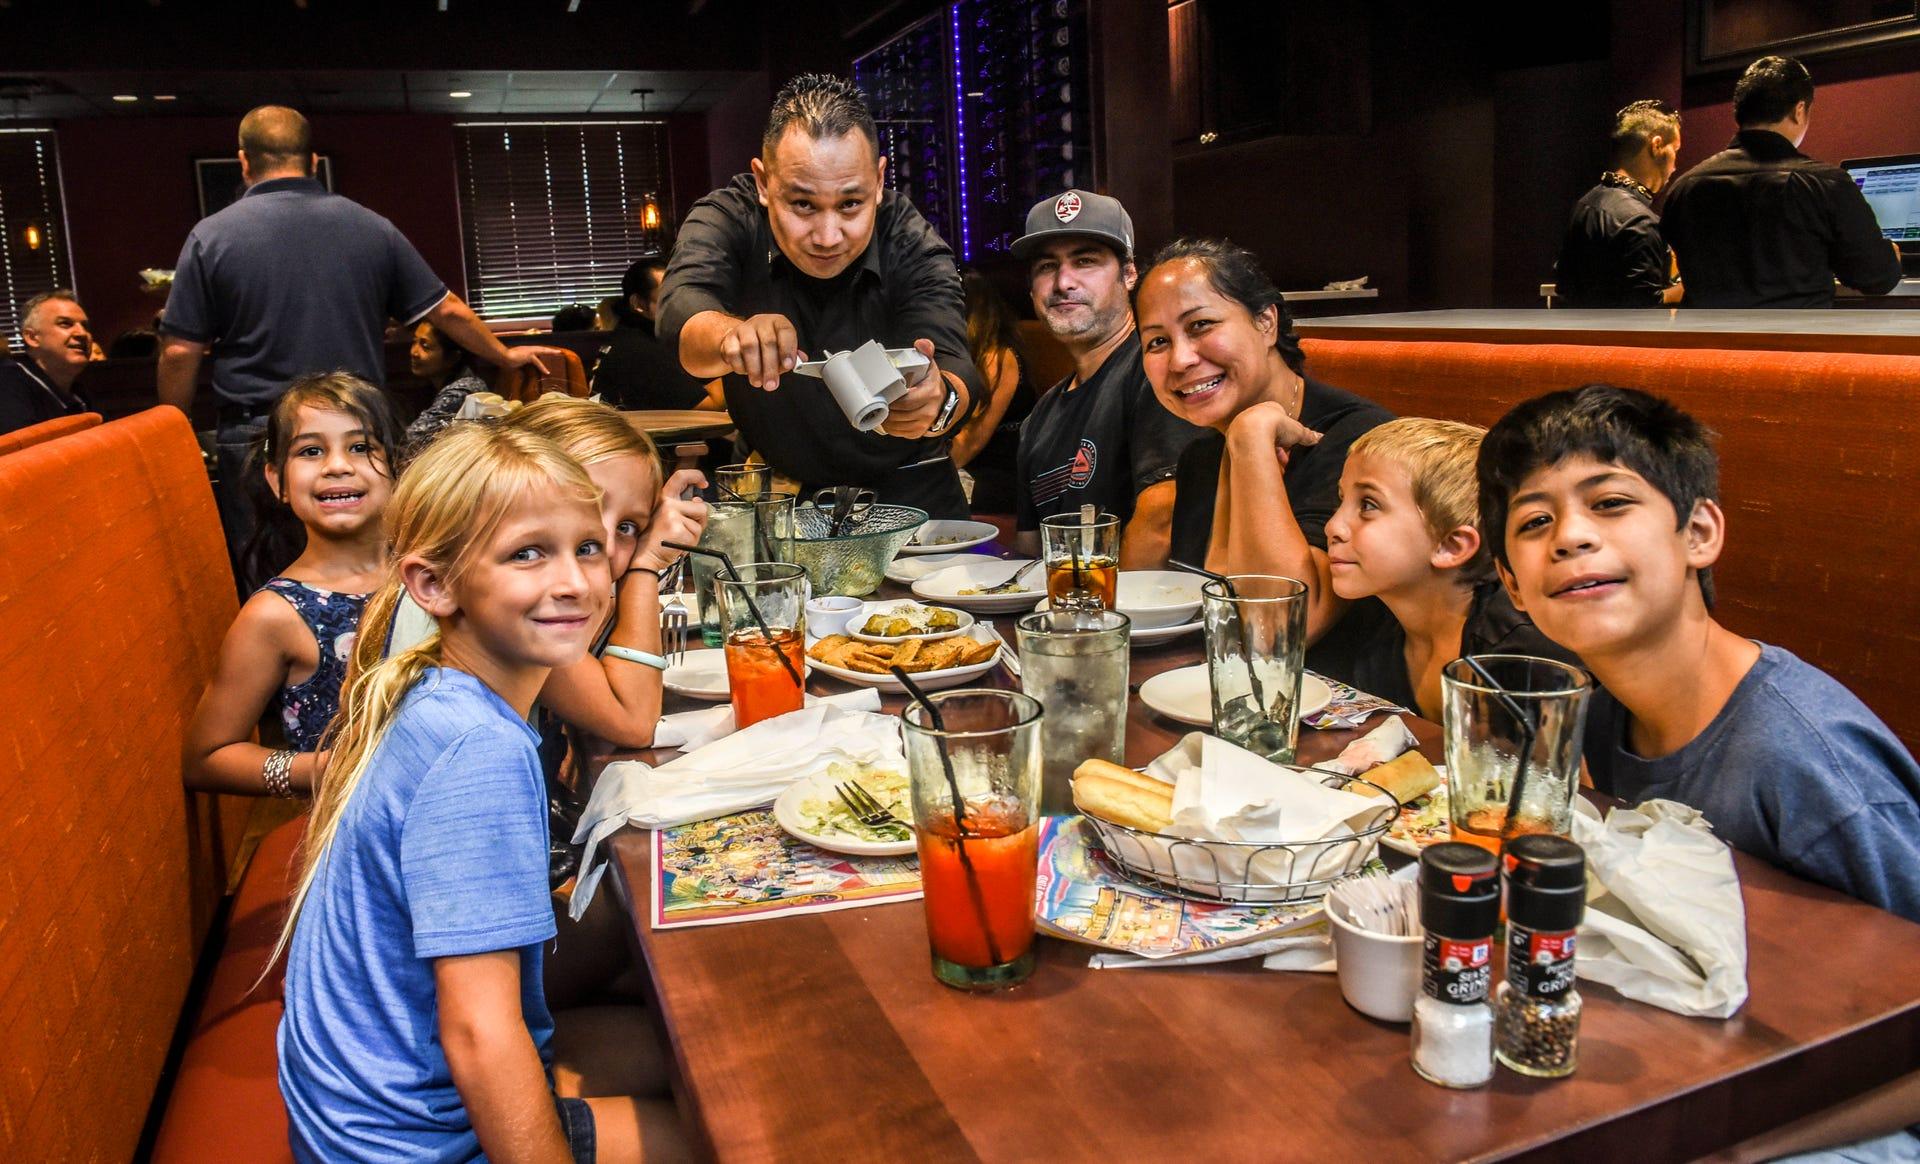 Serving Italian cuisine, Olive Garden opens its door